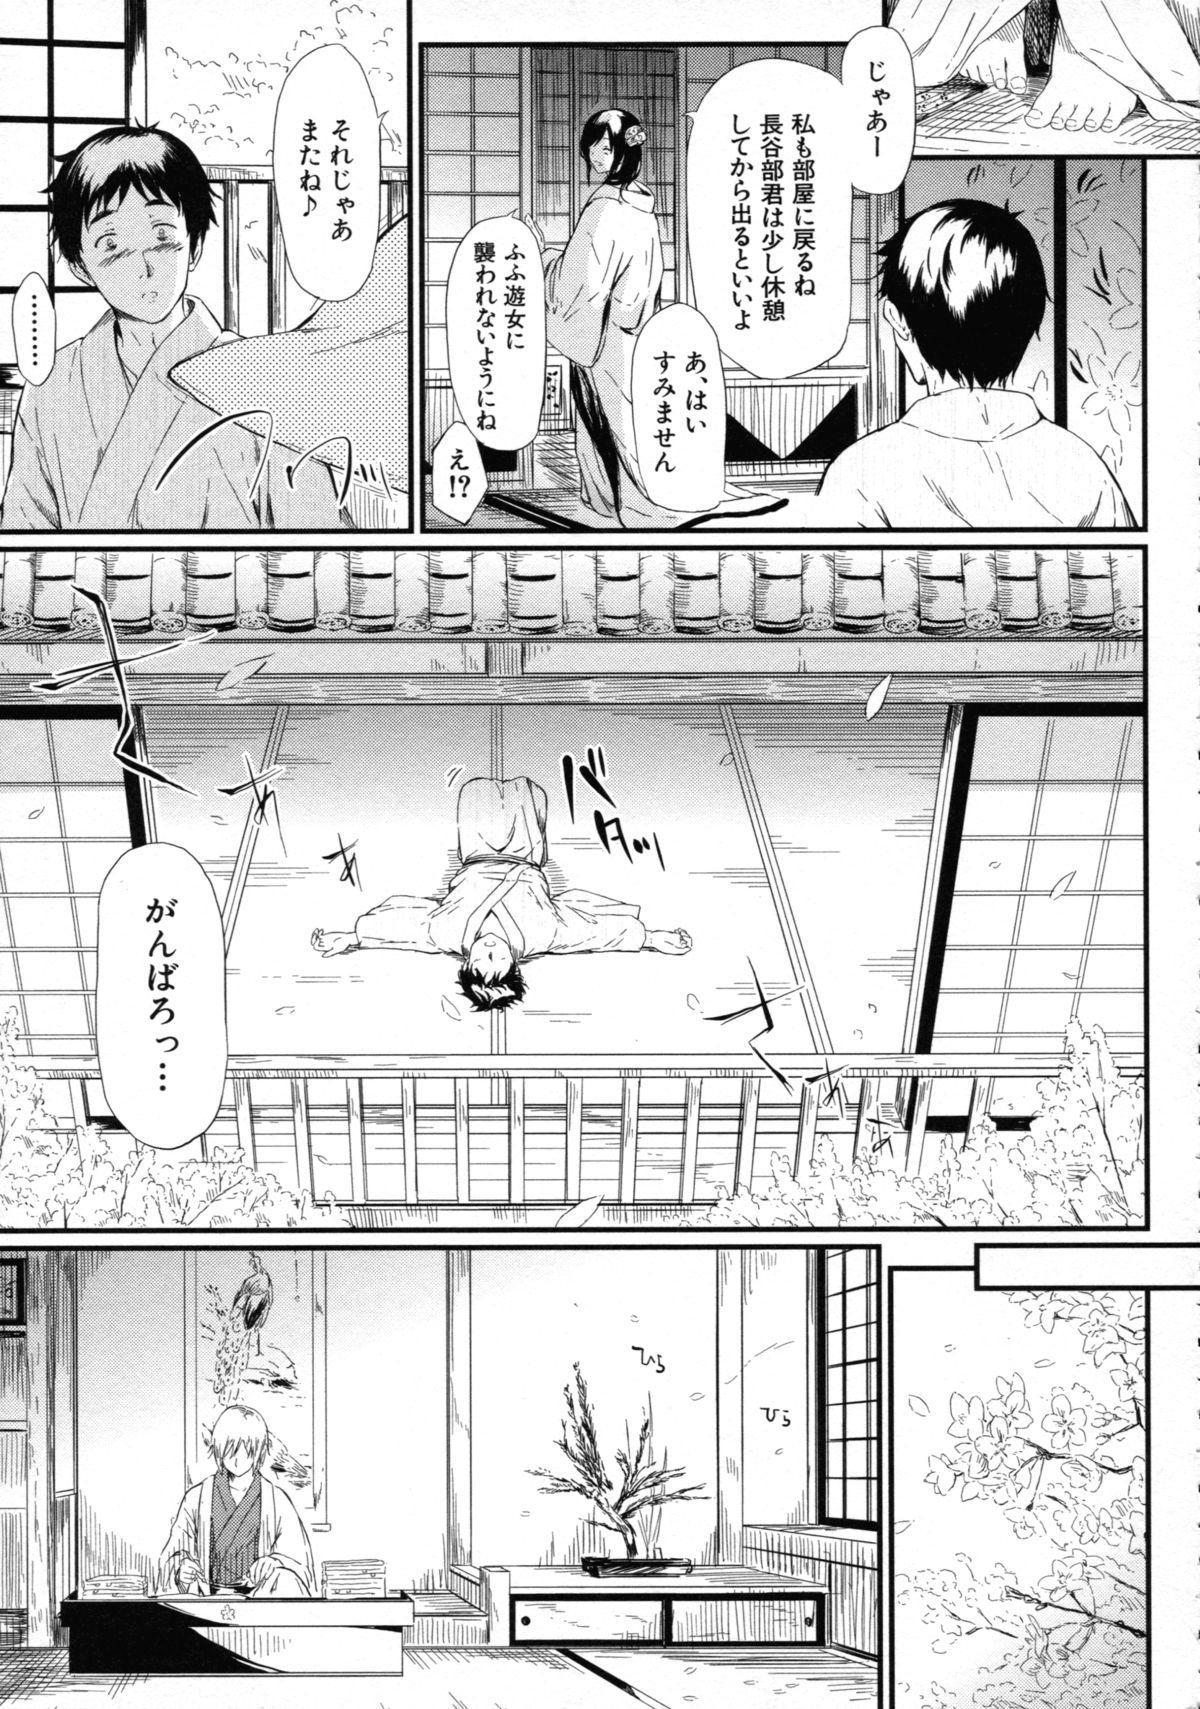 [Shiki Takuto] Tokoharu no Shoujo-tachi - The Girls in the Eternal Spring 59